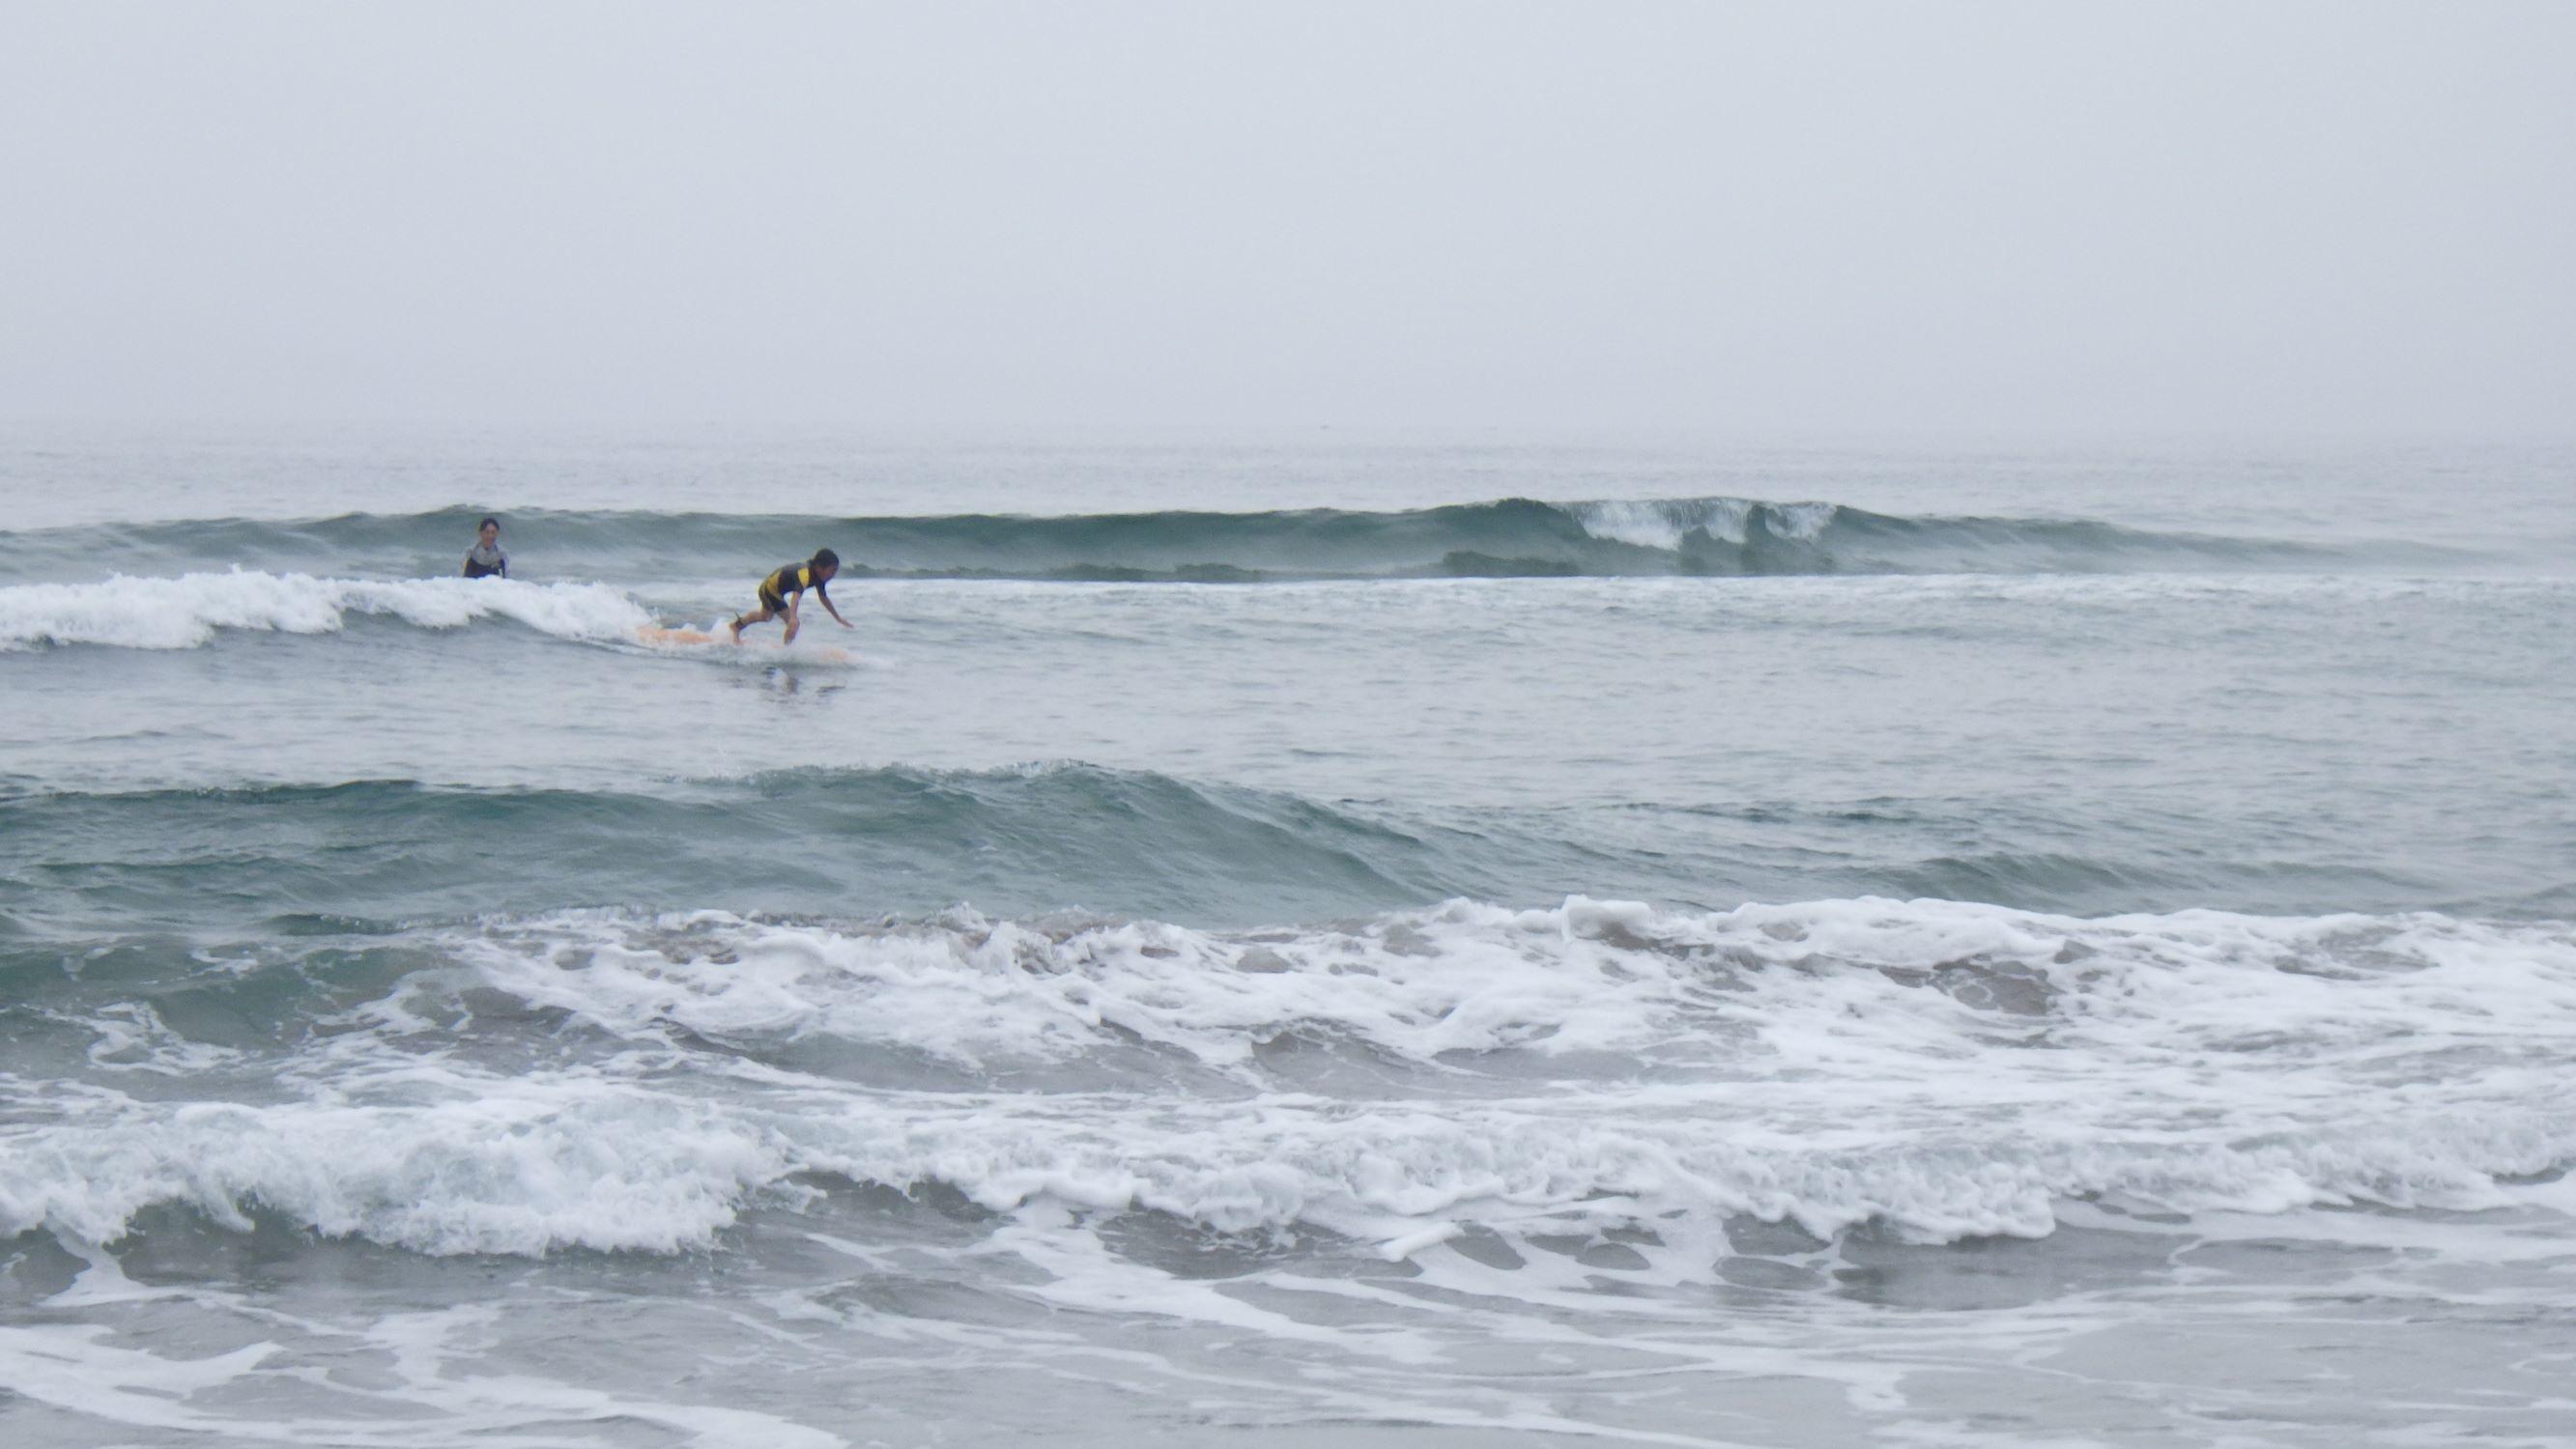 お母さんと一緒にサーフィンを楽しもう_f0009169_07391538.jpg